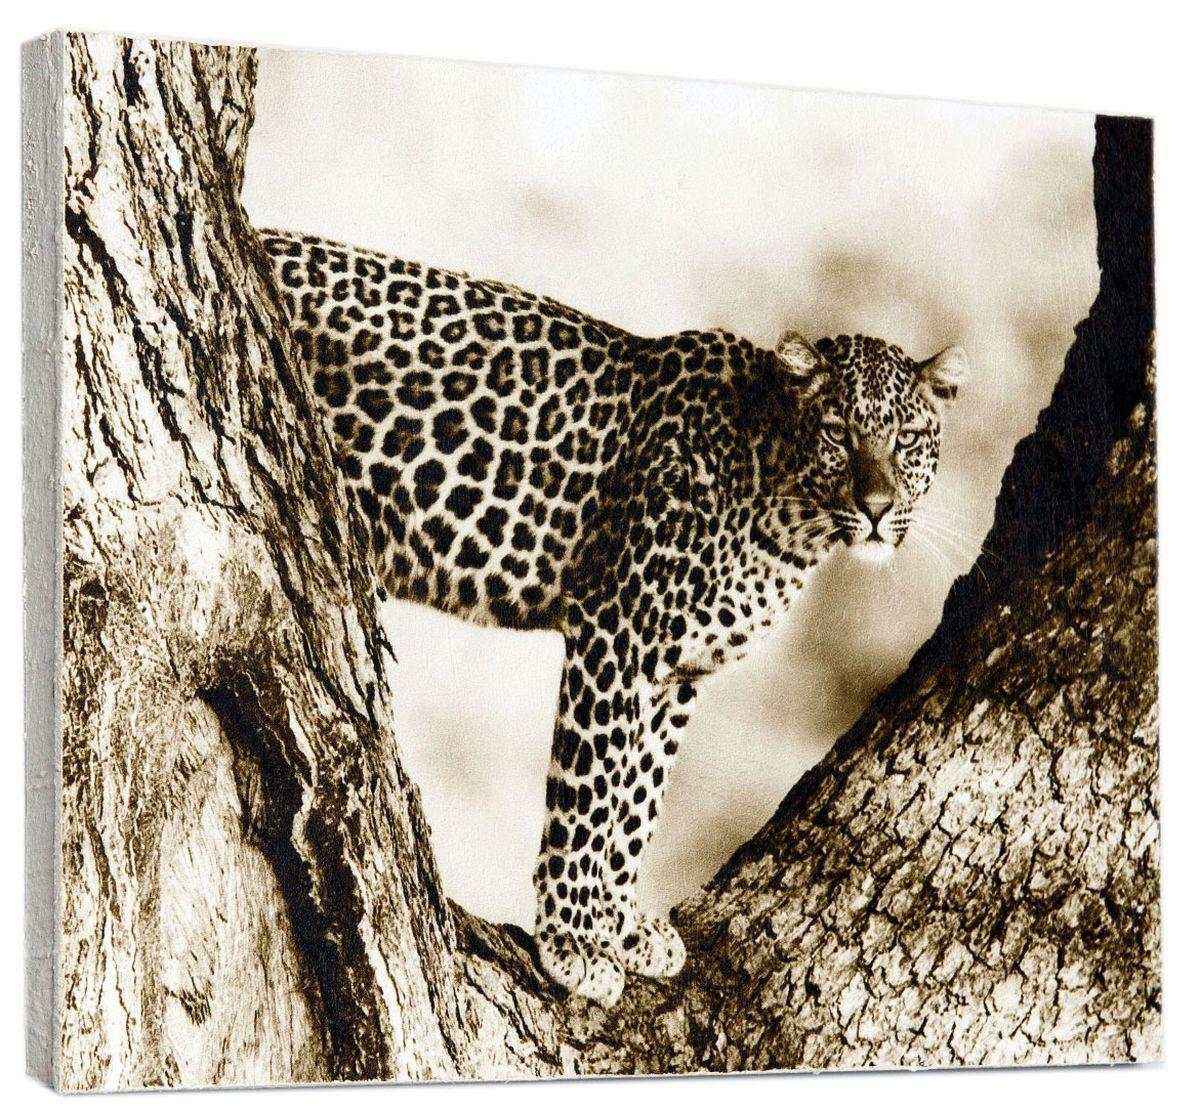 Картина Mister Poster Ягуар на дереве, 30 х 24 смAG 30-22Картина Mister Poster - это высококачественная репродукция на деревянной раме. Лицевая поверхность имитирует штукатурку или натуральный холст, края окрашены вручную специальным декоративным составом.Современные технологии, уникальное оборудование и оригинальные чернила, используемые при изготовлении, делают постер устойчивым к выцветанию, а также гарантируют стойкость к воздействию негативных внешних факторов. Интерьер дома и офиса, в котором находится человек, в значительной степени влияет на его настроение и работоспособность. Правильное оформление интерьера создает благоприятный психологический климат, улучшает настроение и мотивирует. Добавьте «красок» в ваш интерьер и, возможно, в вашу жизнь.